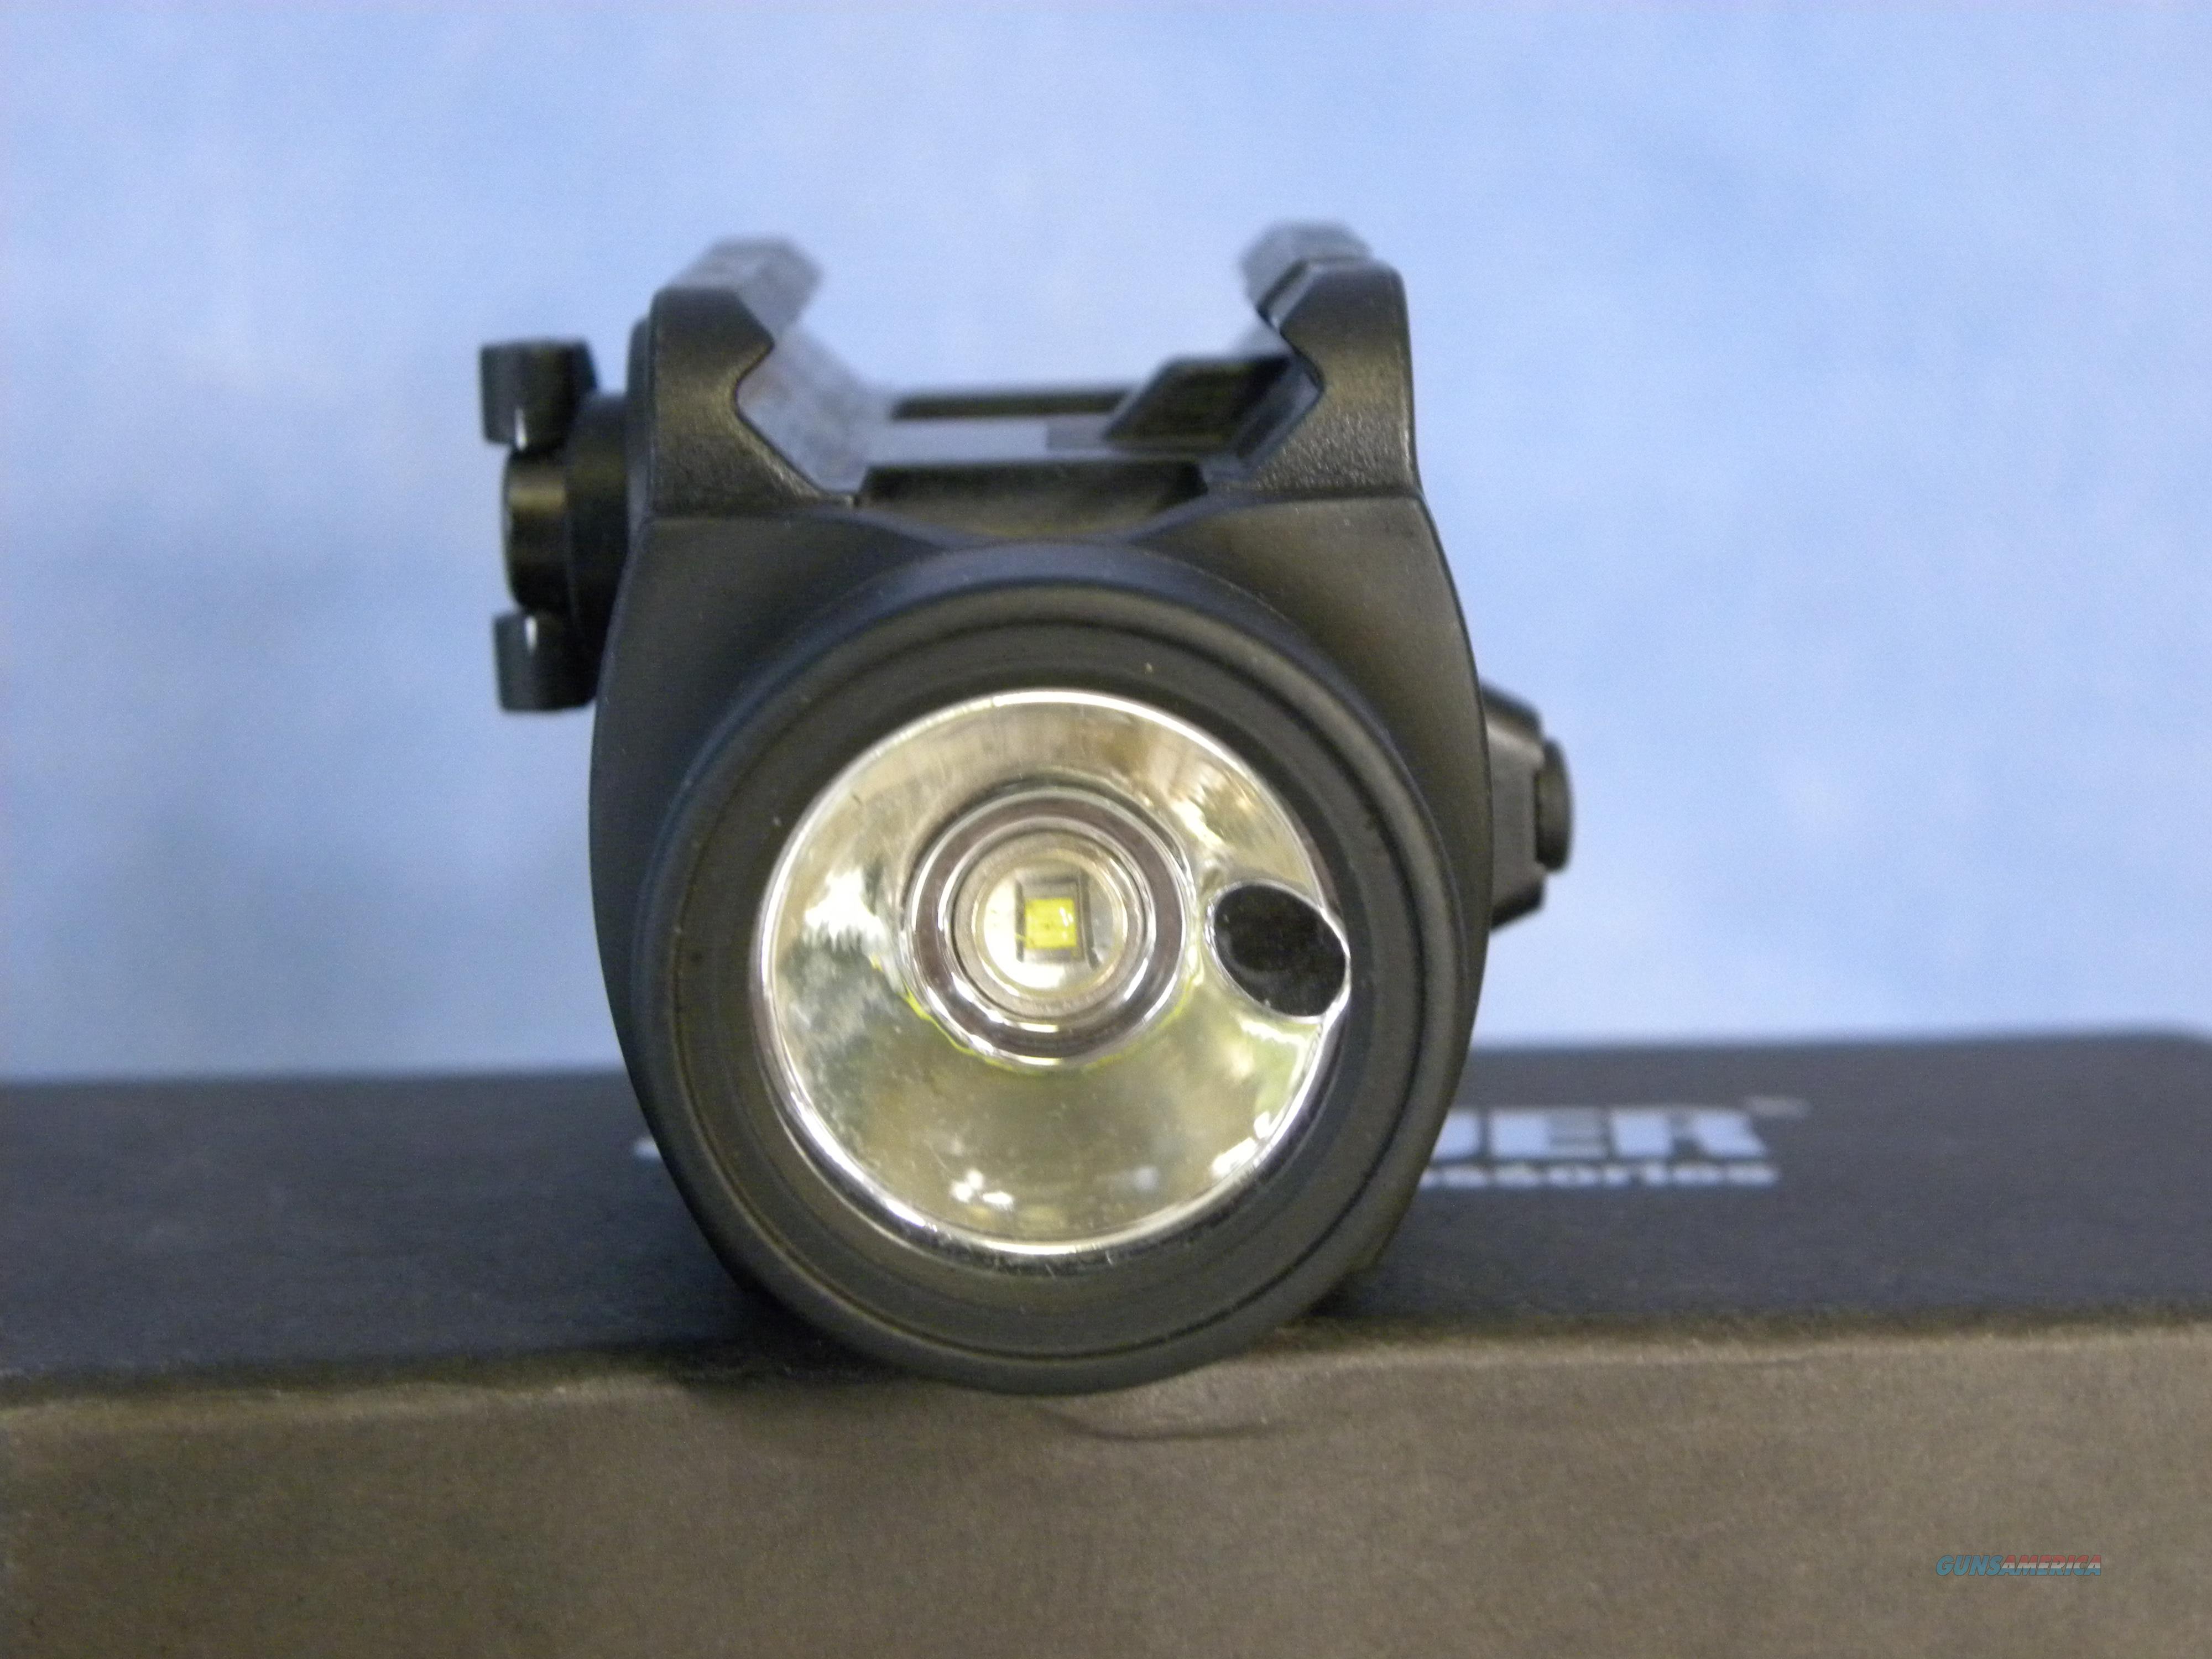 Sig Sauer Stl 900l Tactical Light And Laser For Sale